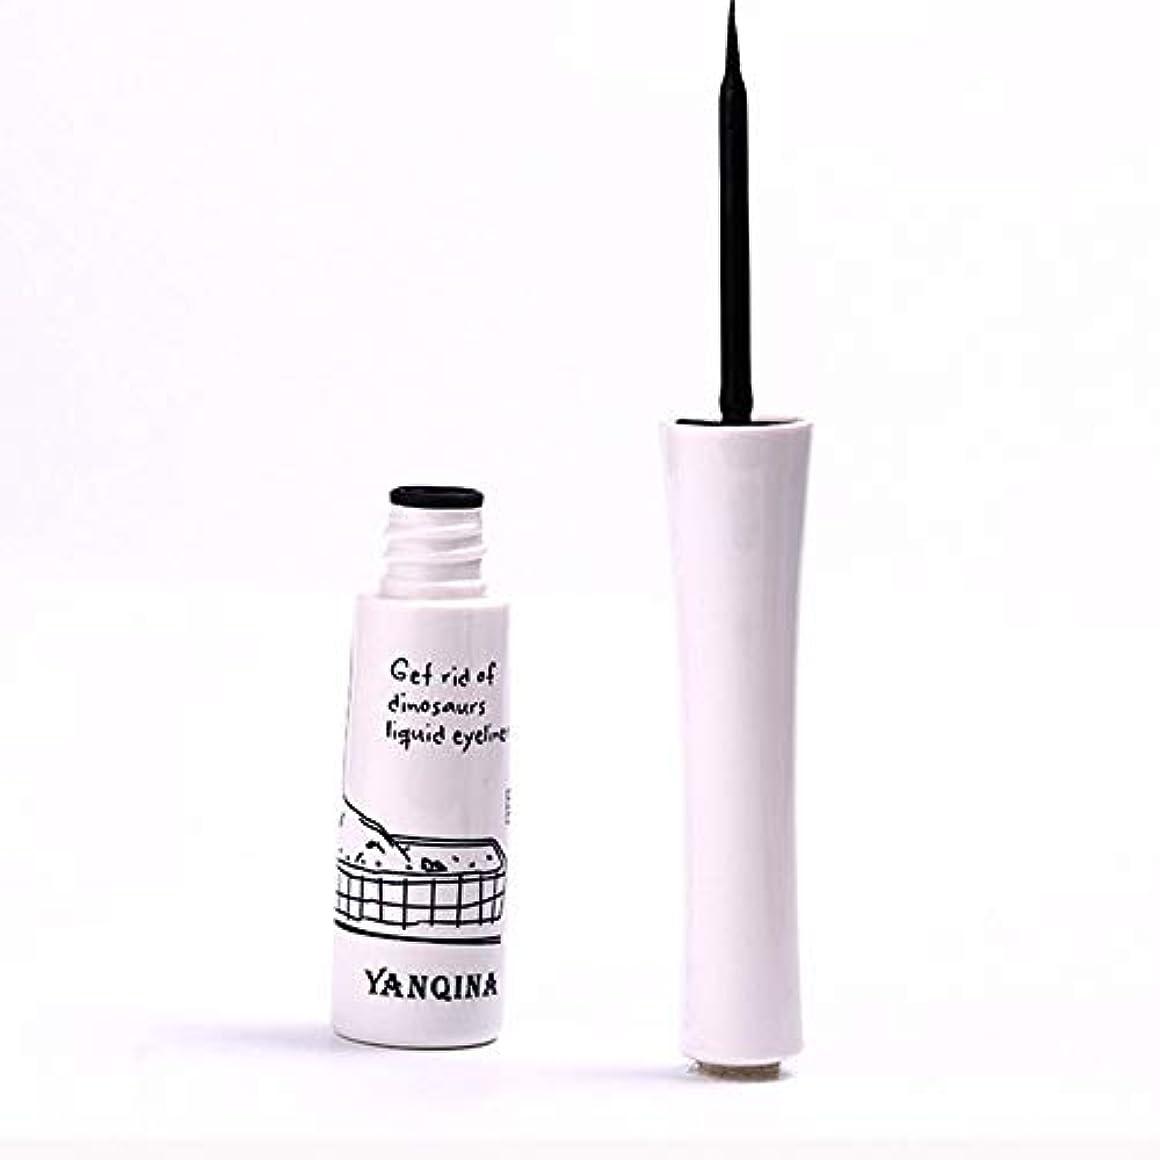 ばかげた剥離飼料黒いアイライナーの防水液体のアイライナーの鉛筆のペンは特徴を構成します